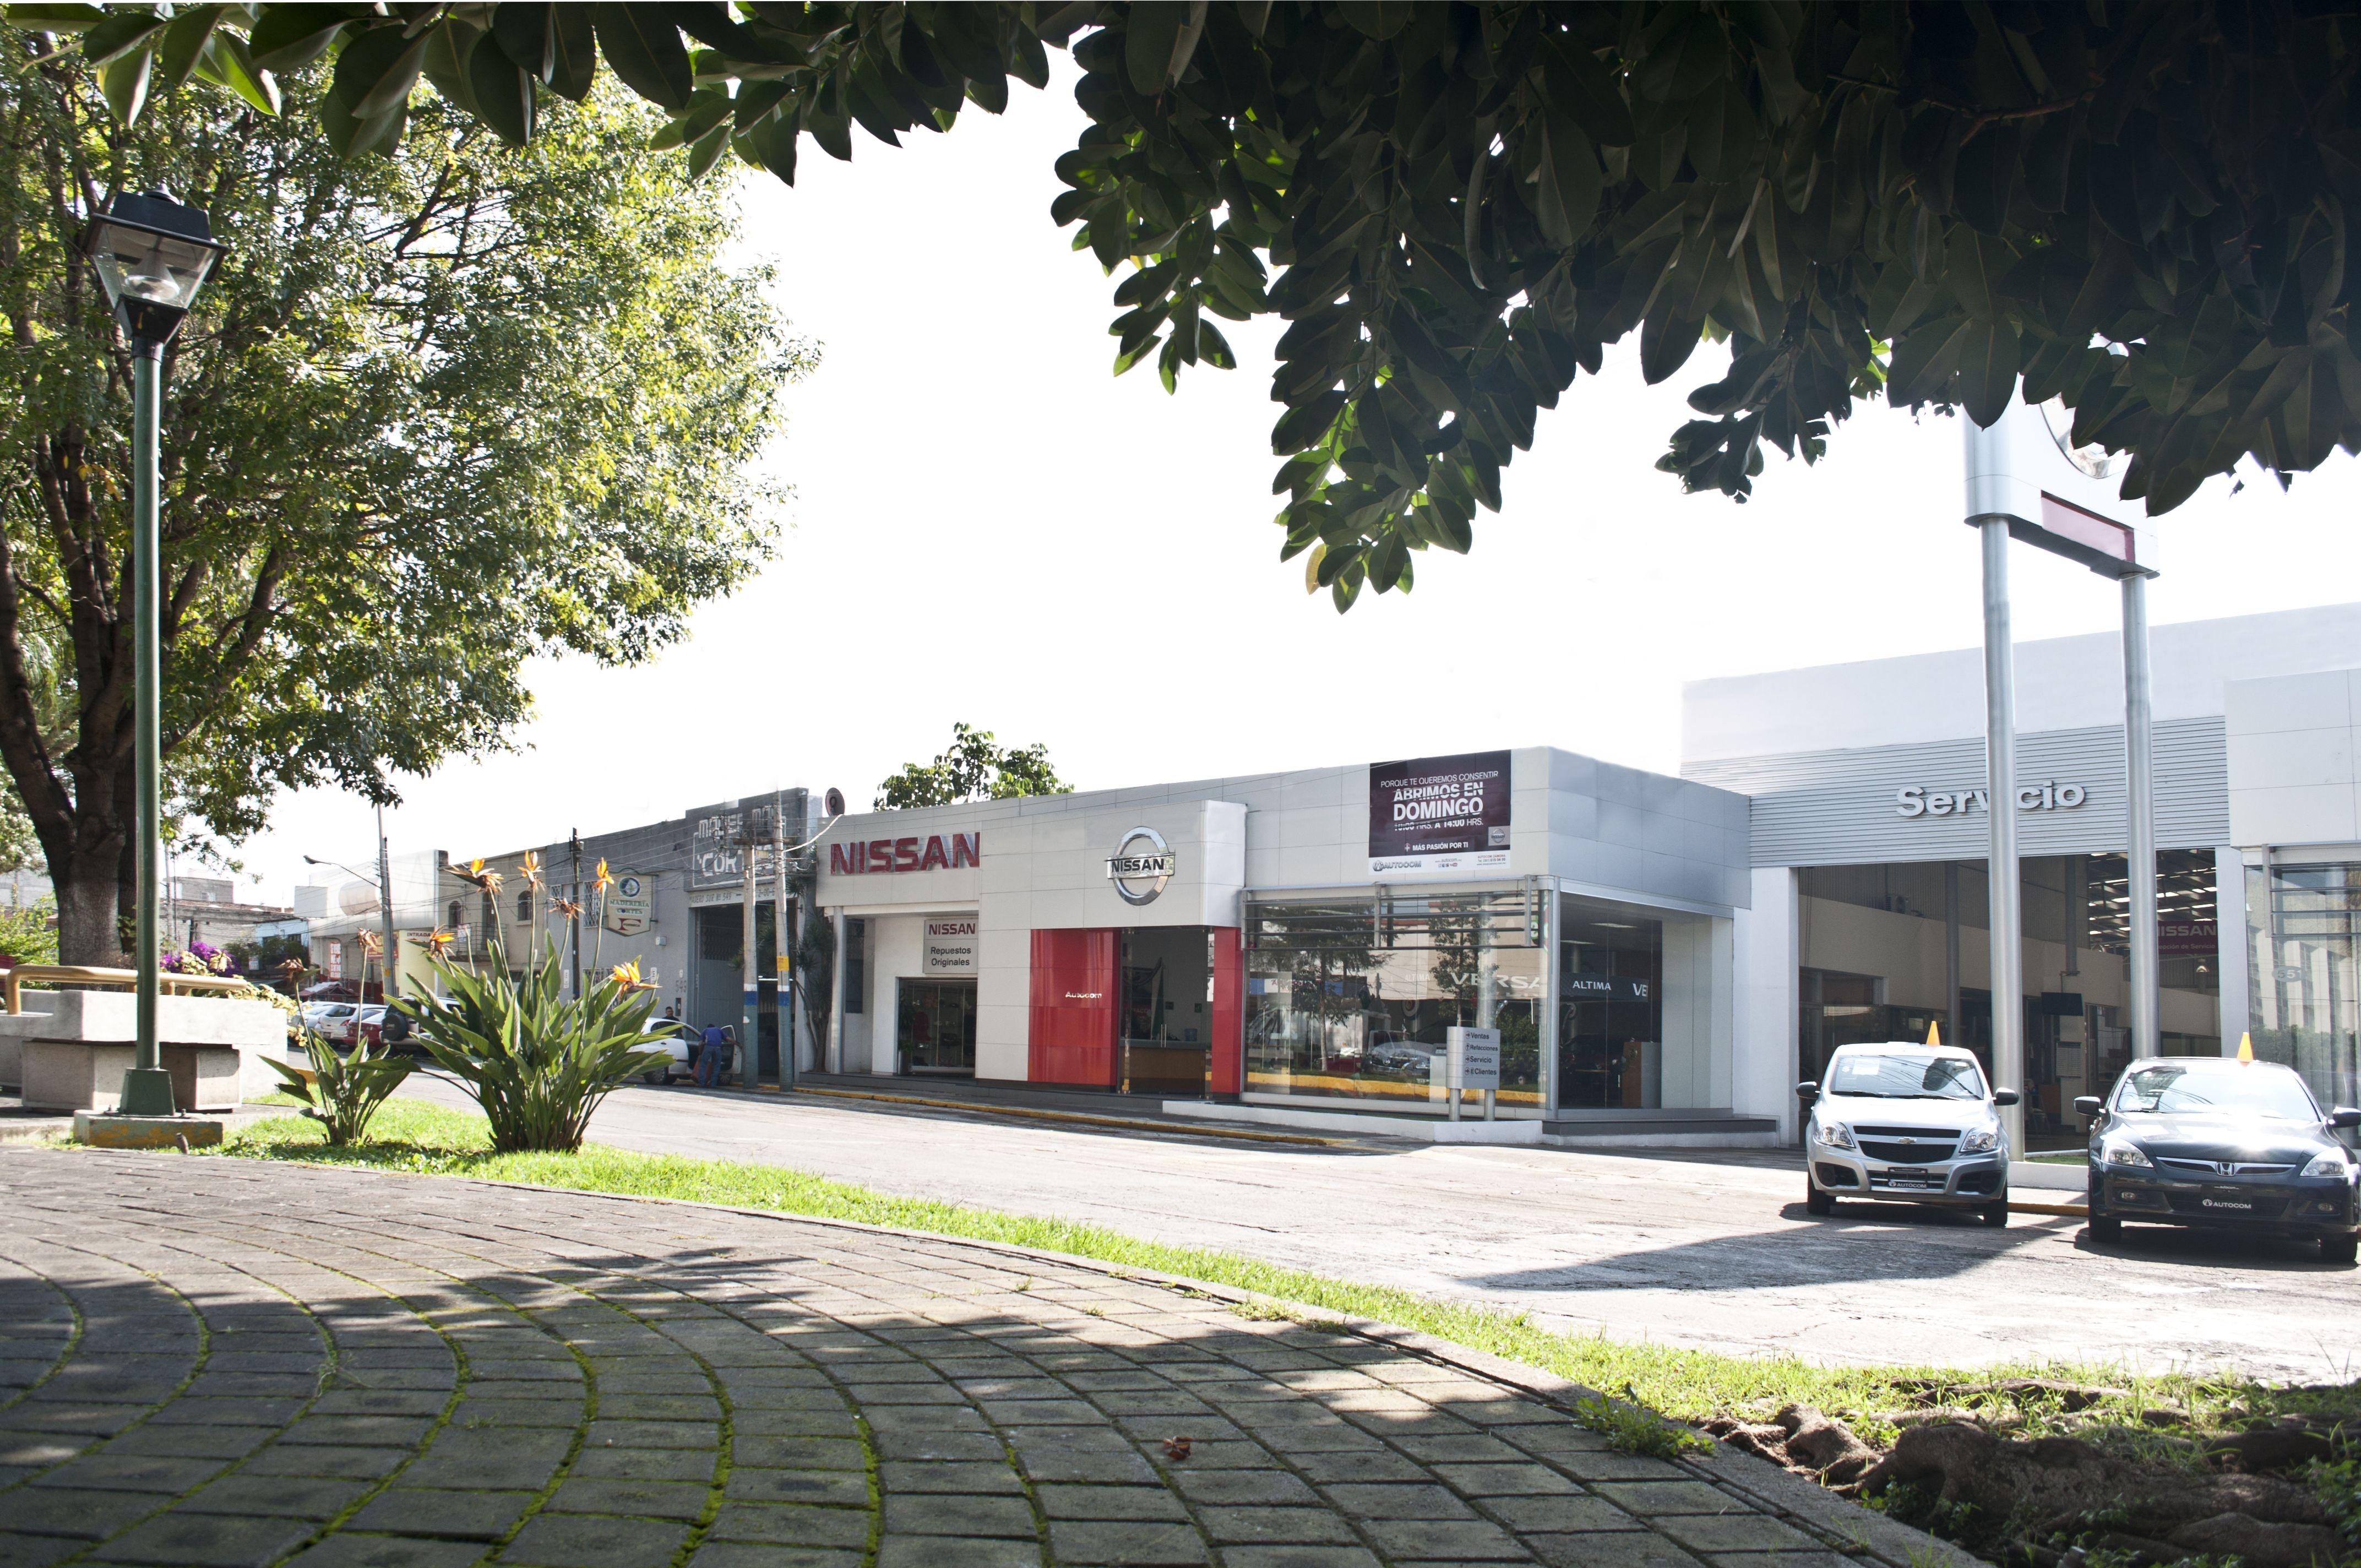 Tu Agencia Nissan Autocom Zamora Te Invita A Conocer Horarios De Atención Promociones Locales Vigentes Formas De Contacto House Styles Outdoor Decor Mansions